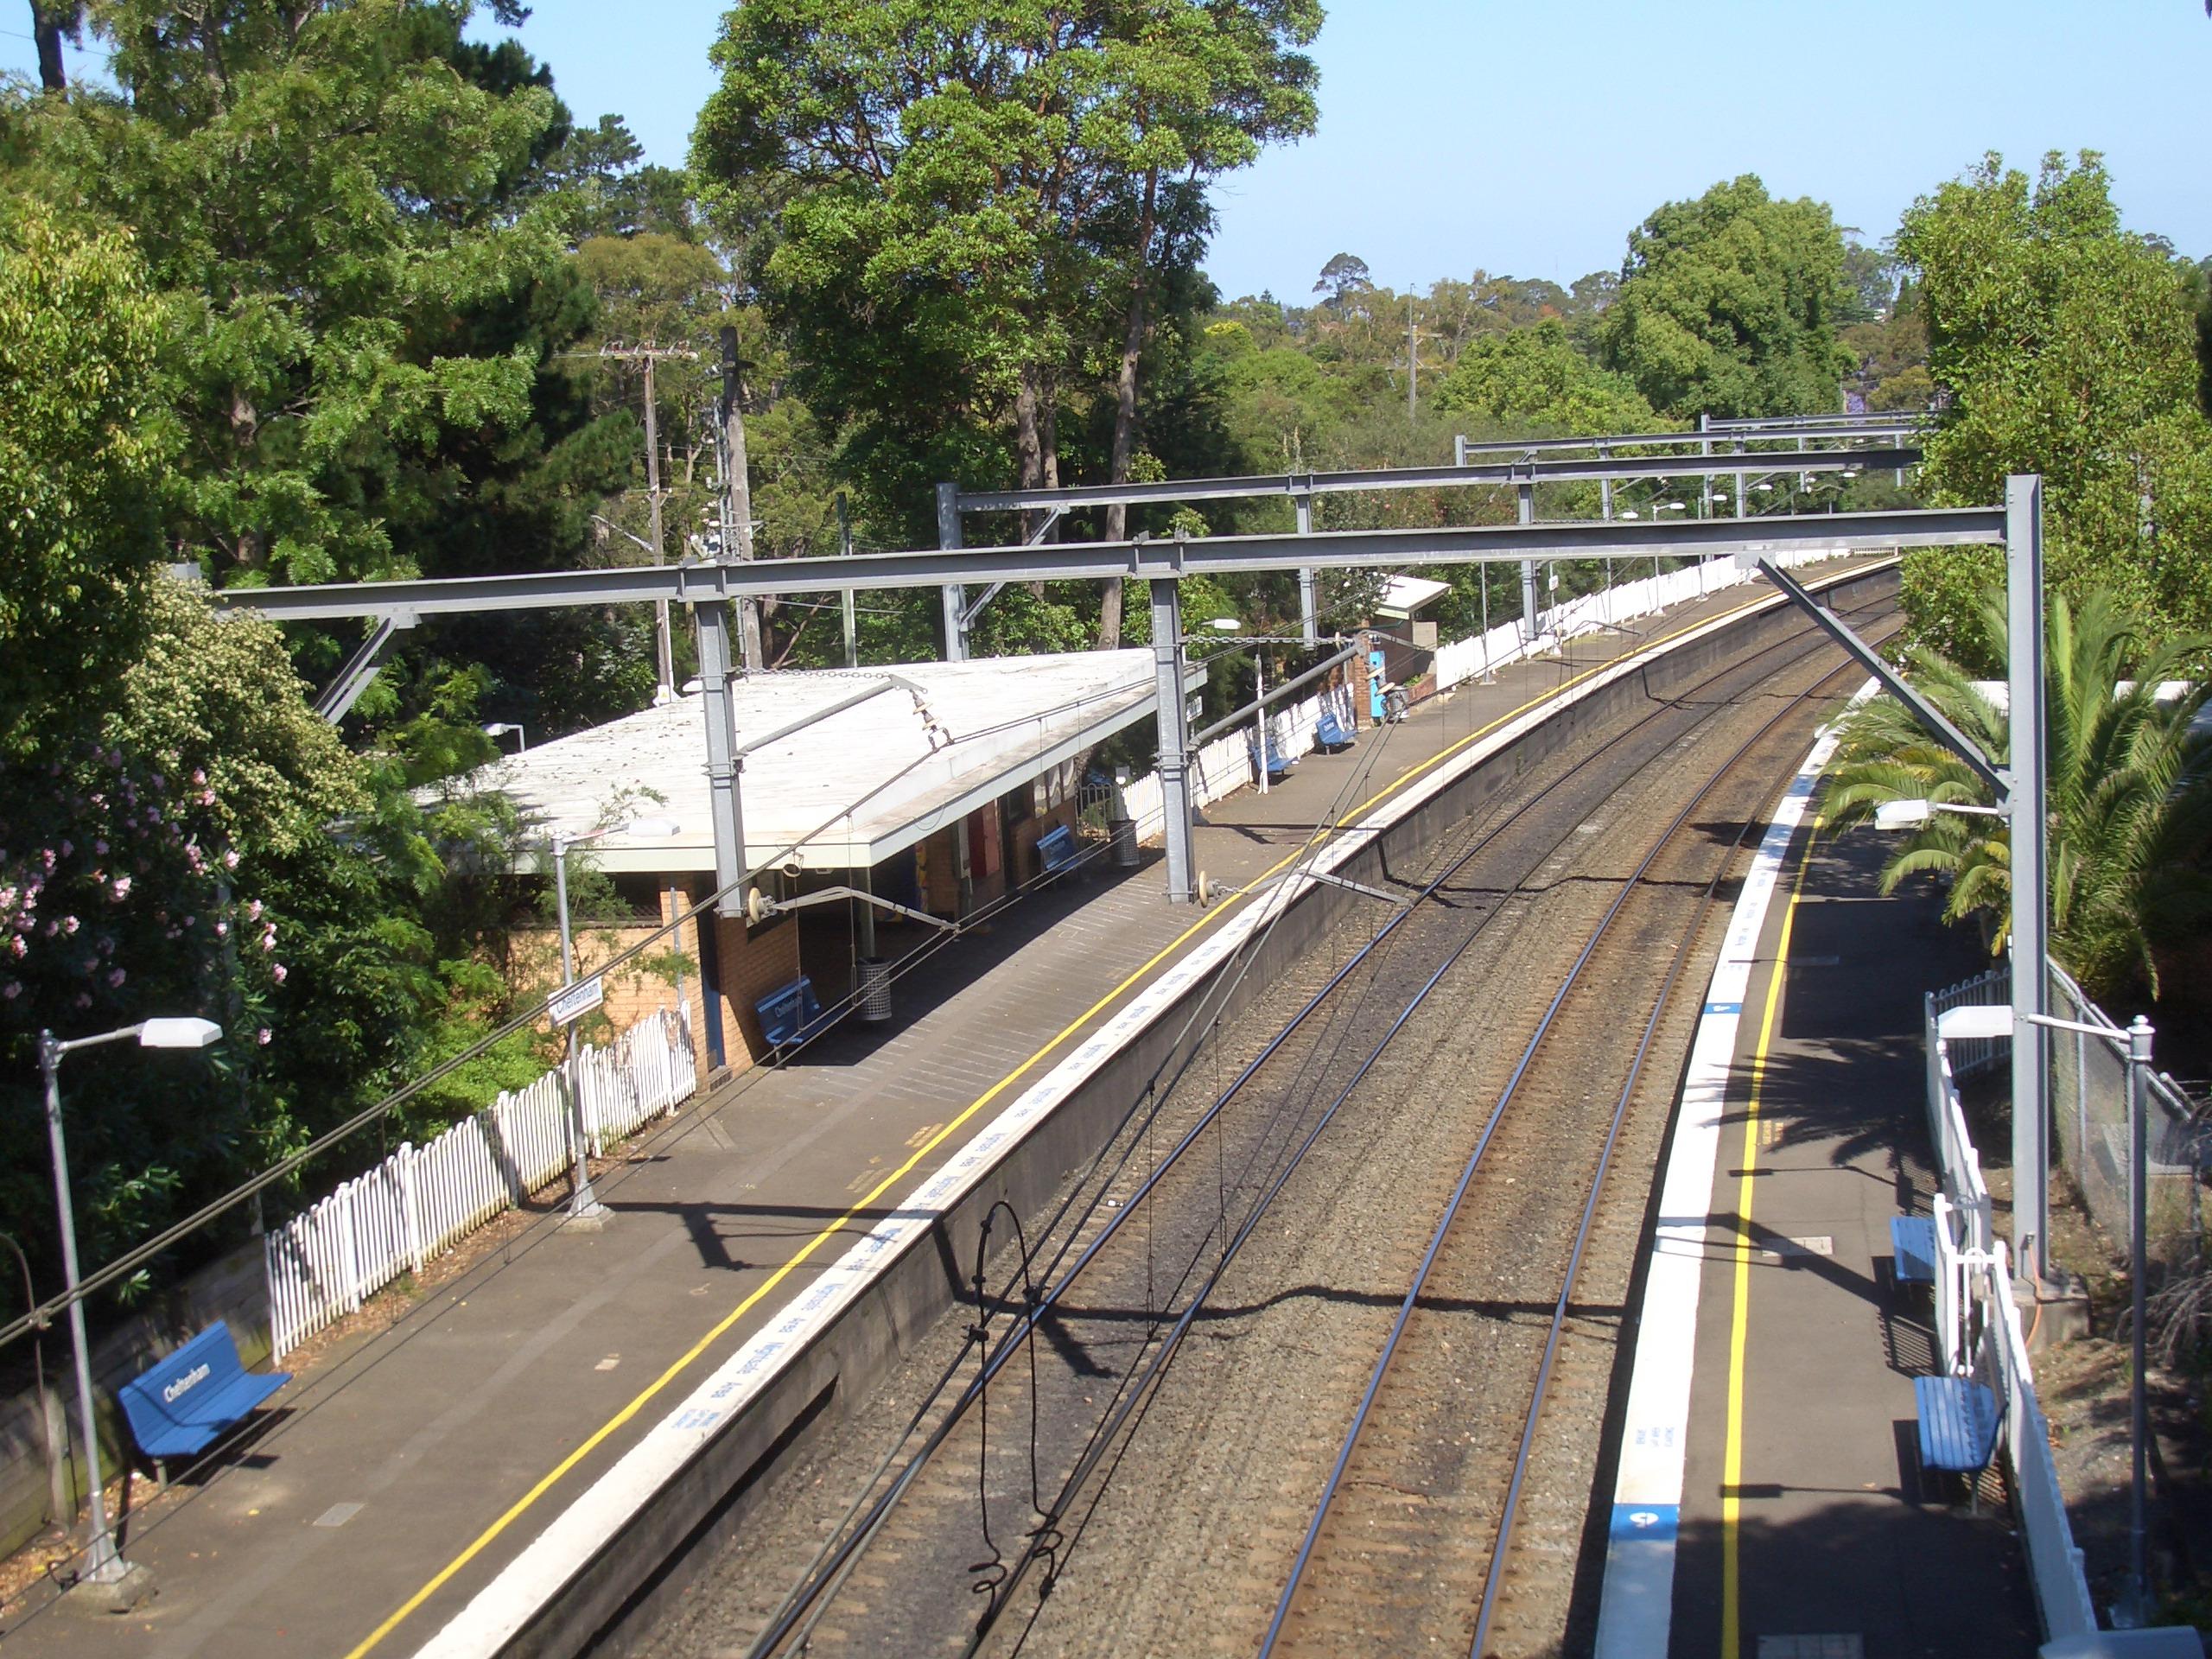 Homem é acusado por adolescente de praticar ato libidinoso num vagão de trem